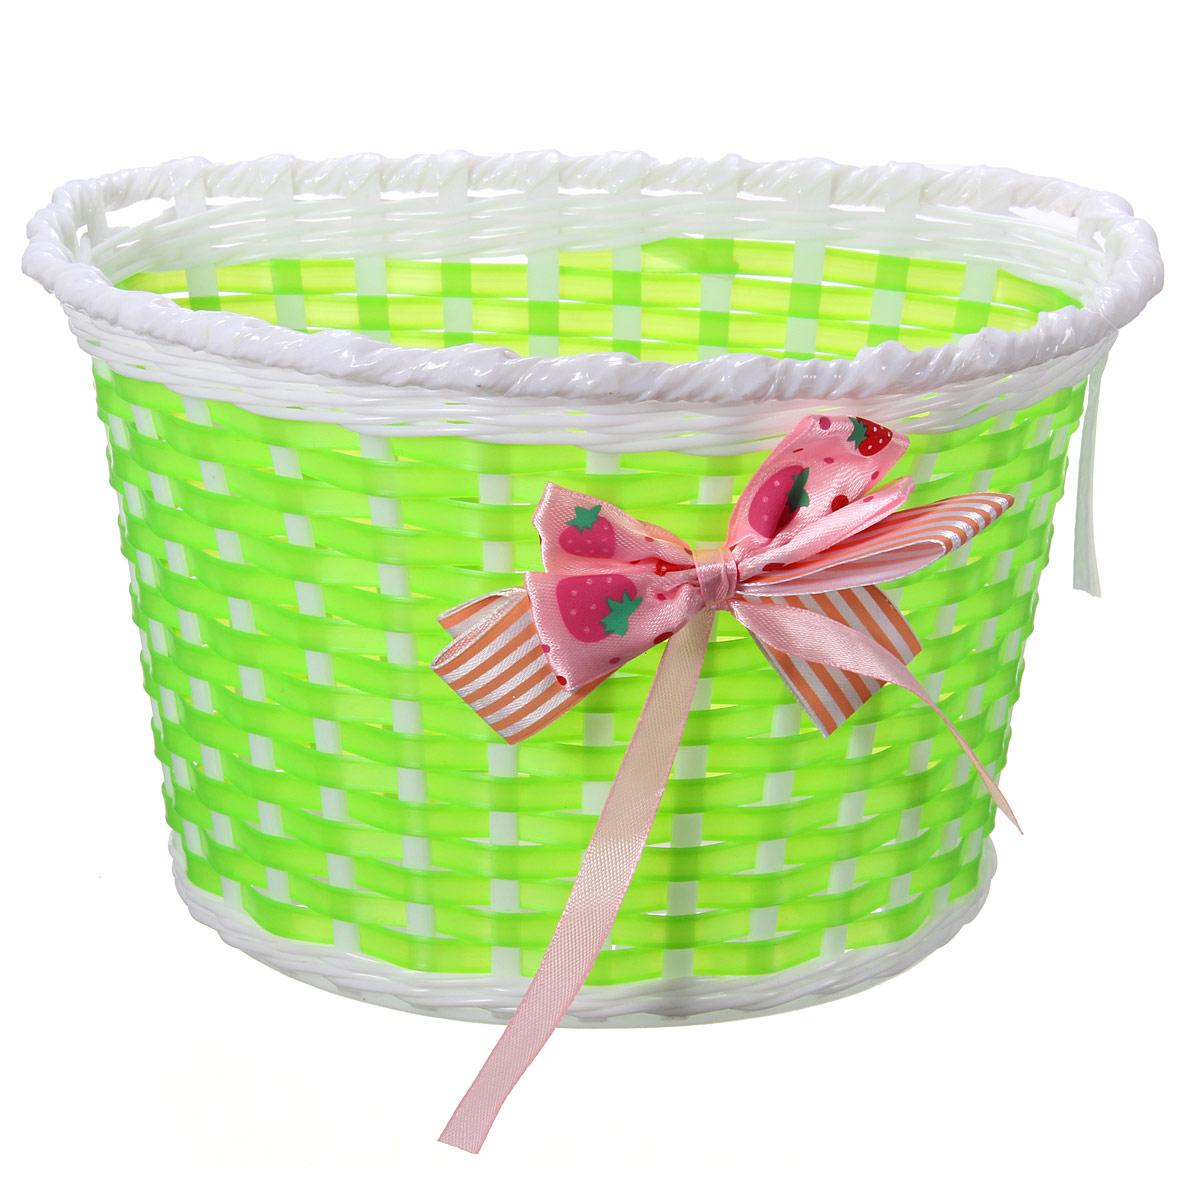 Kids Children Bike Wicker Plastic Bike Front Basket Shopping Holder Case